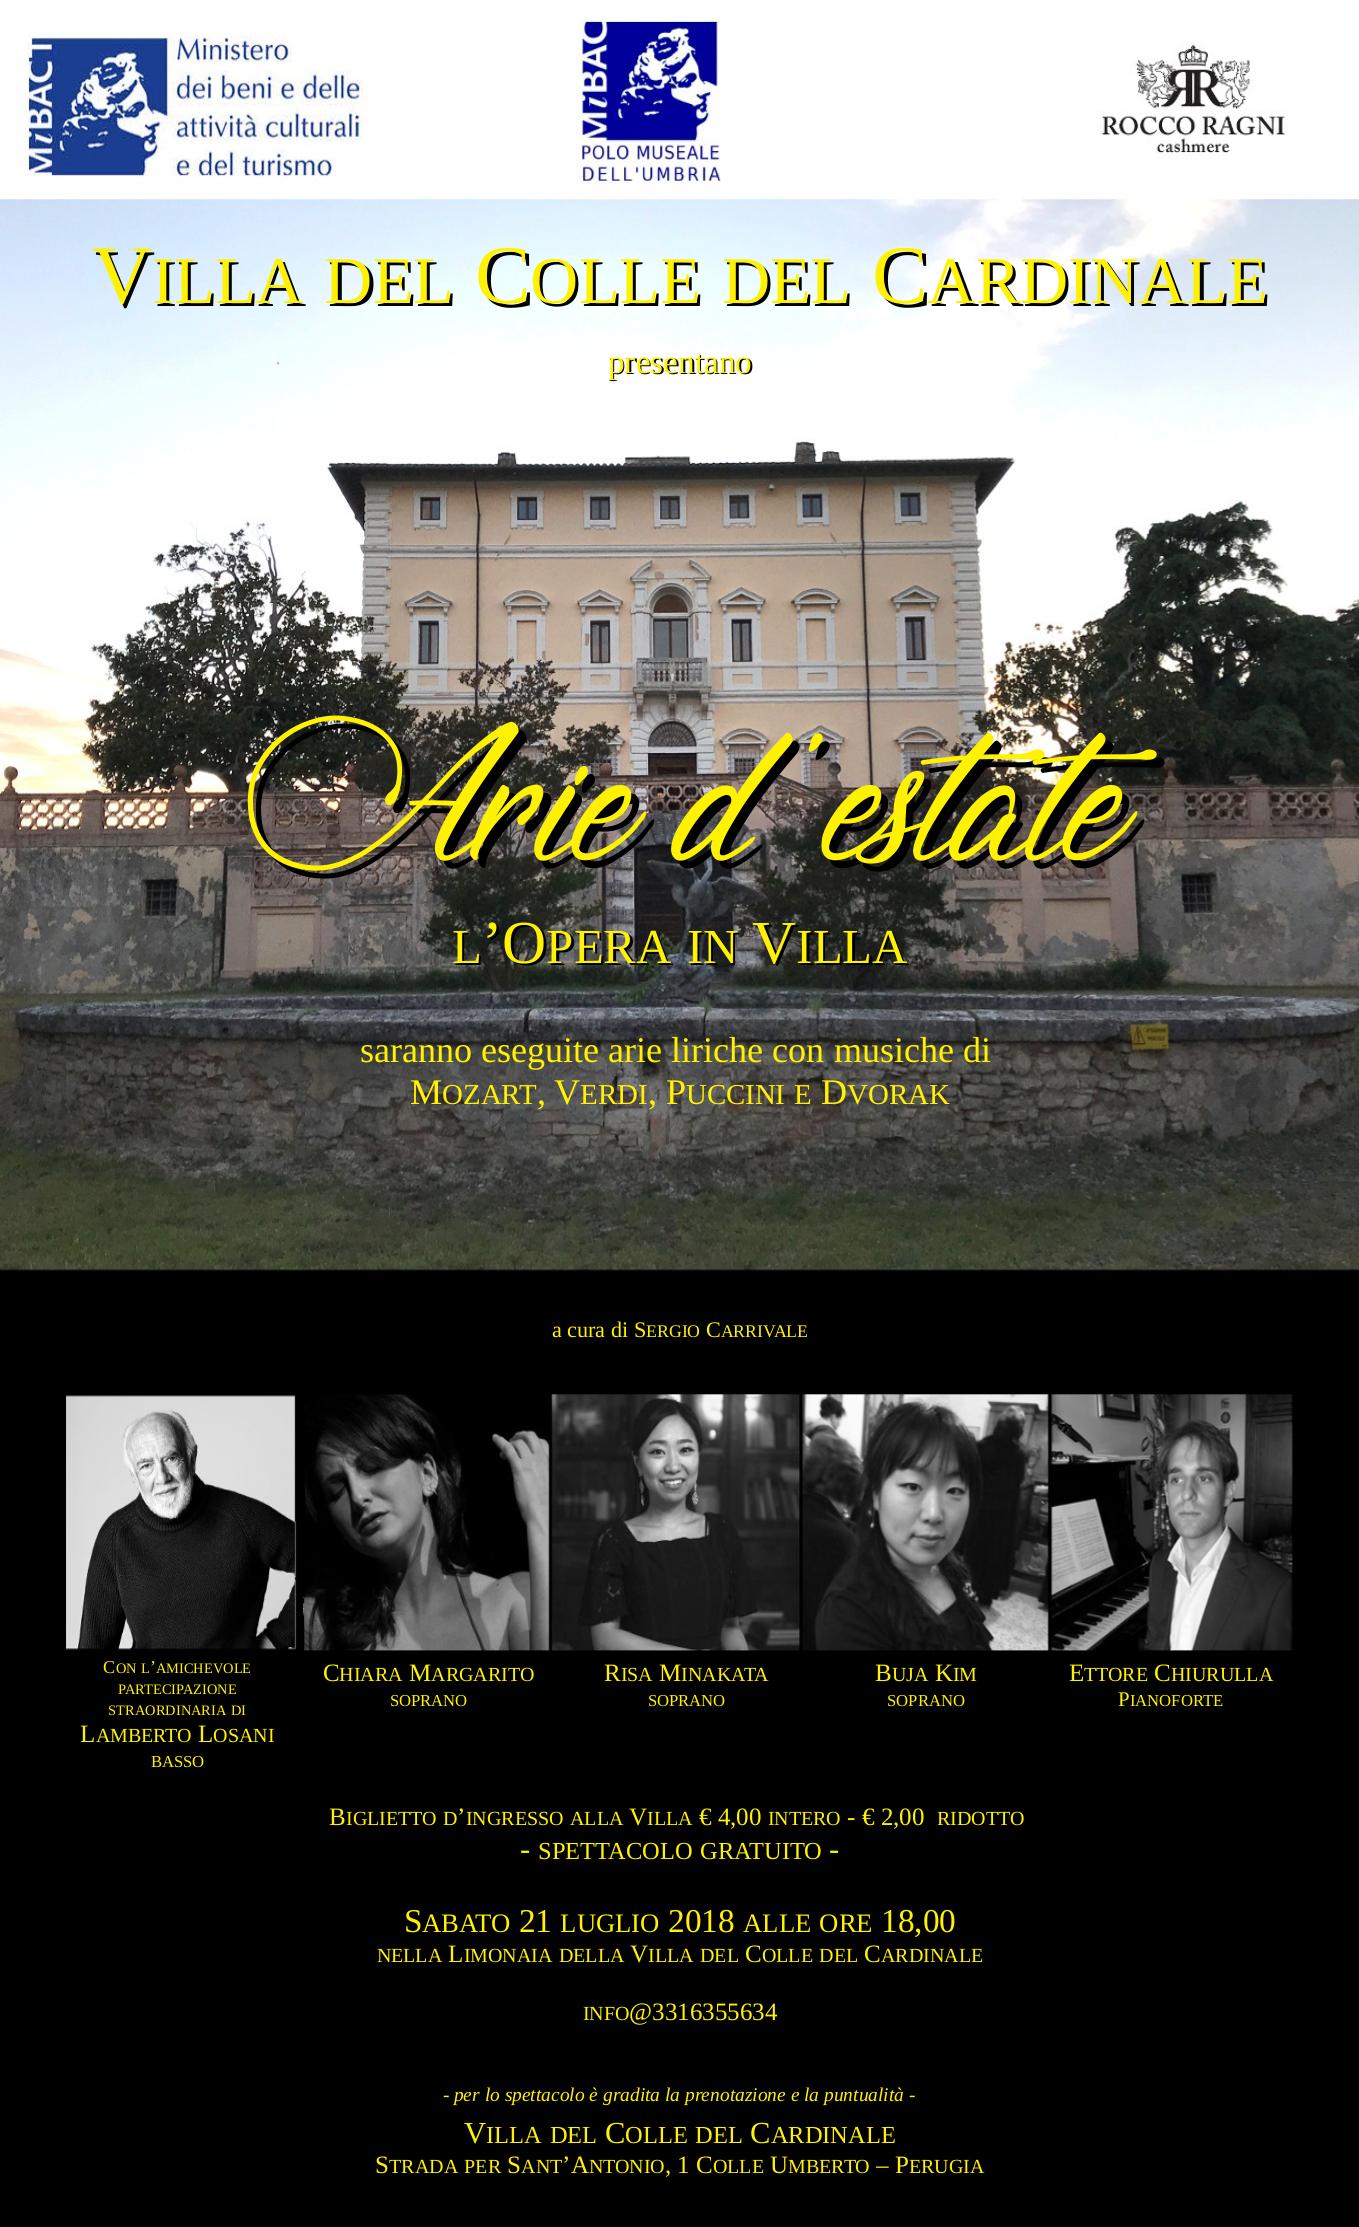 L'Opera in Villa